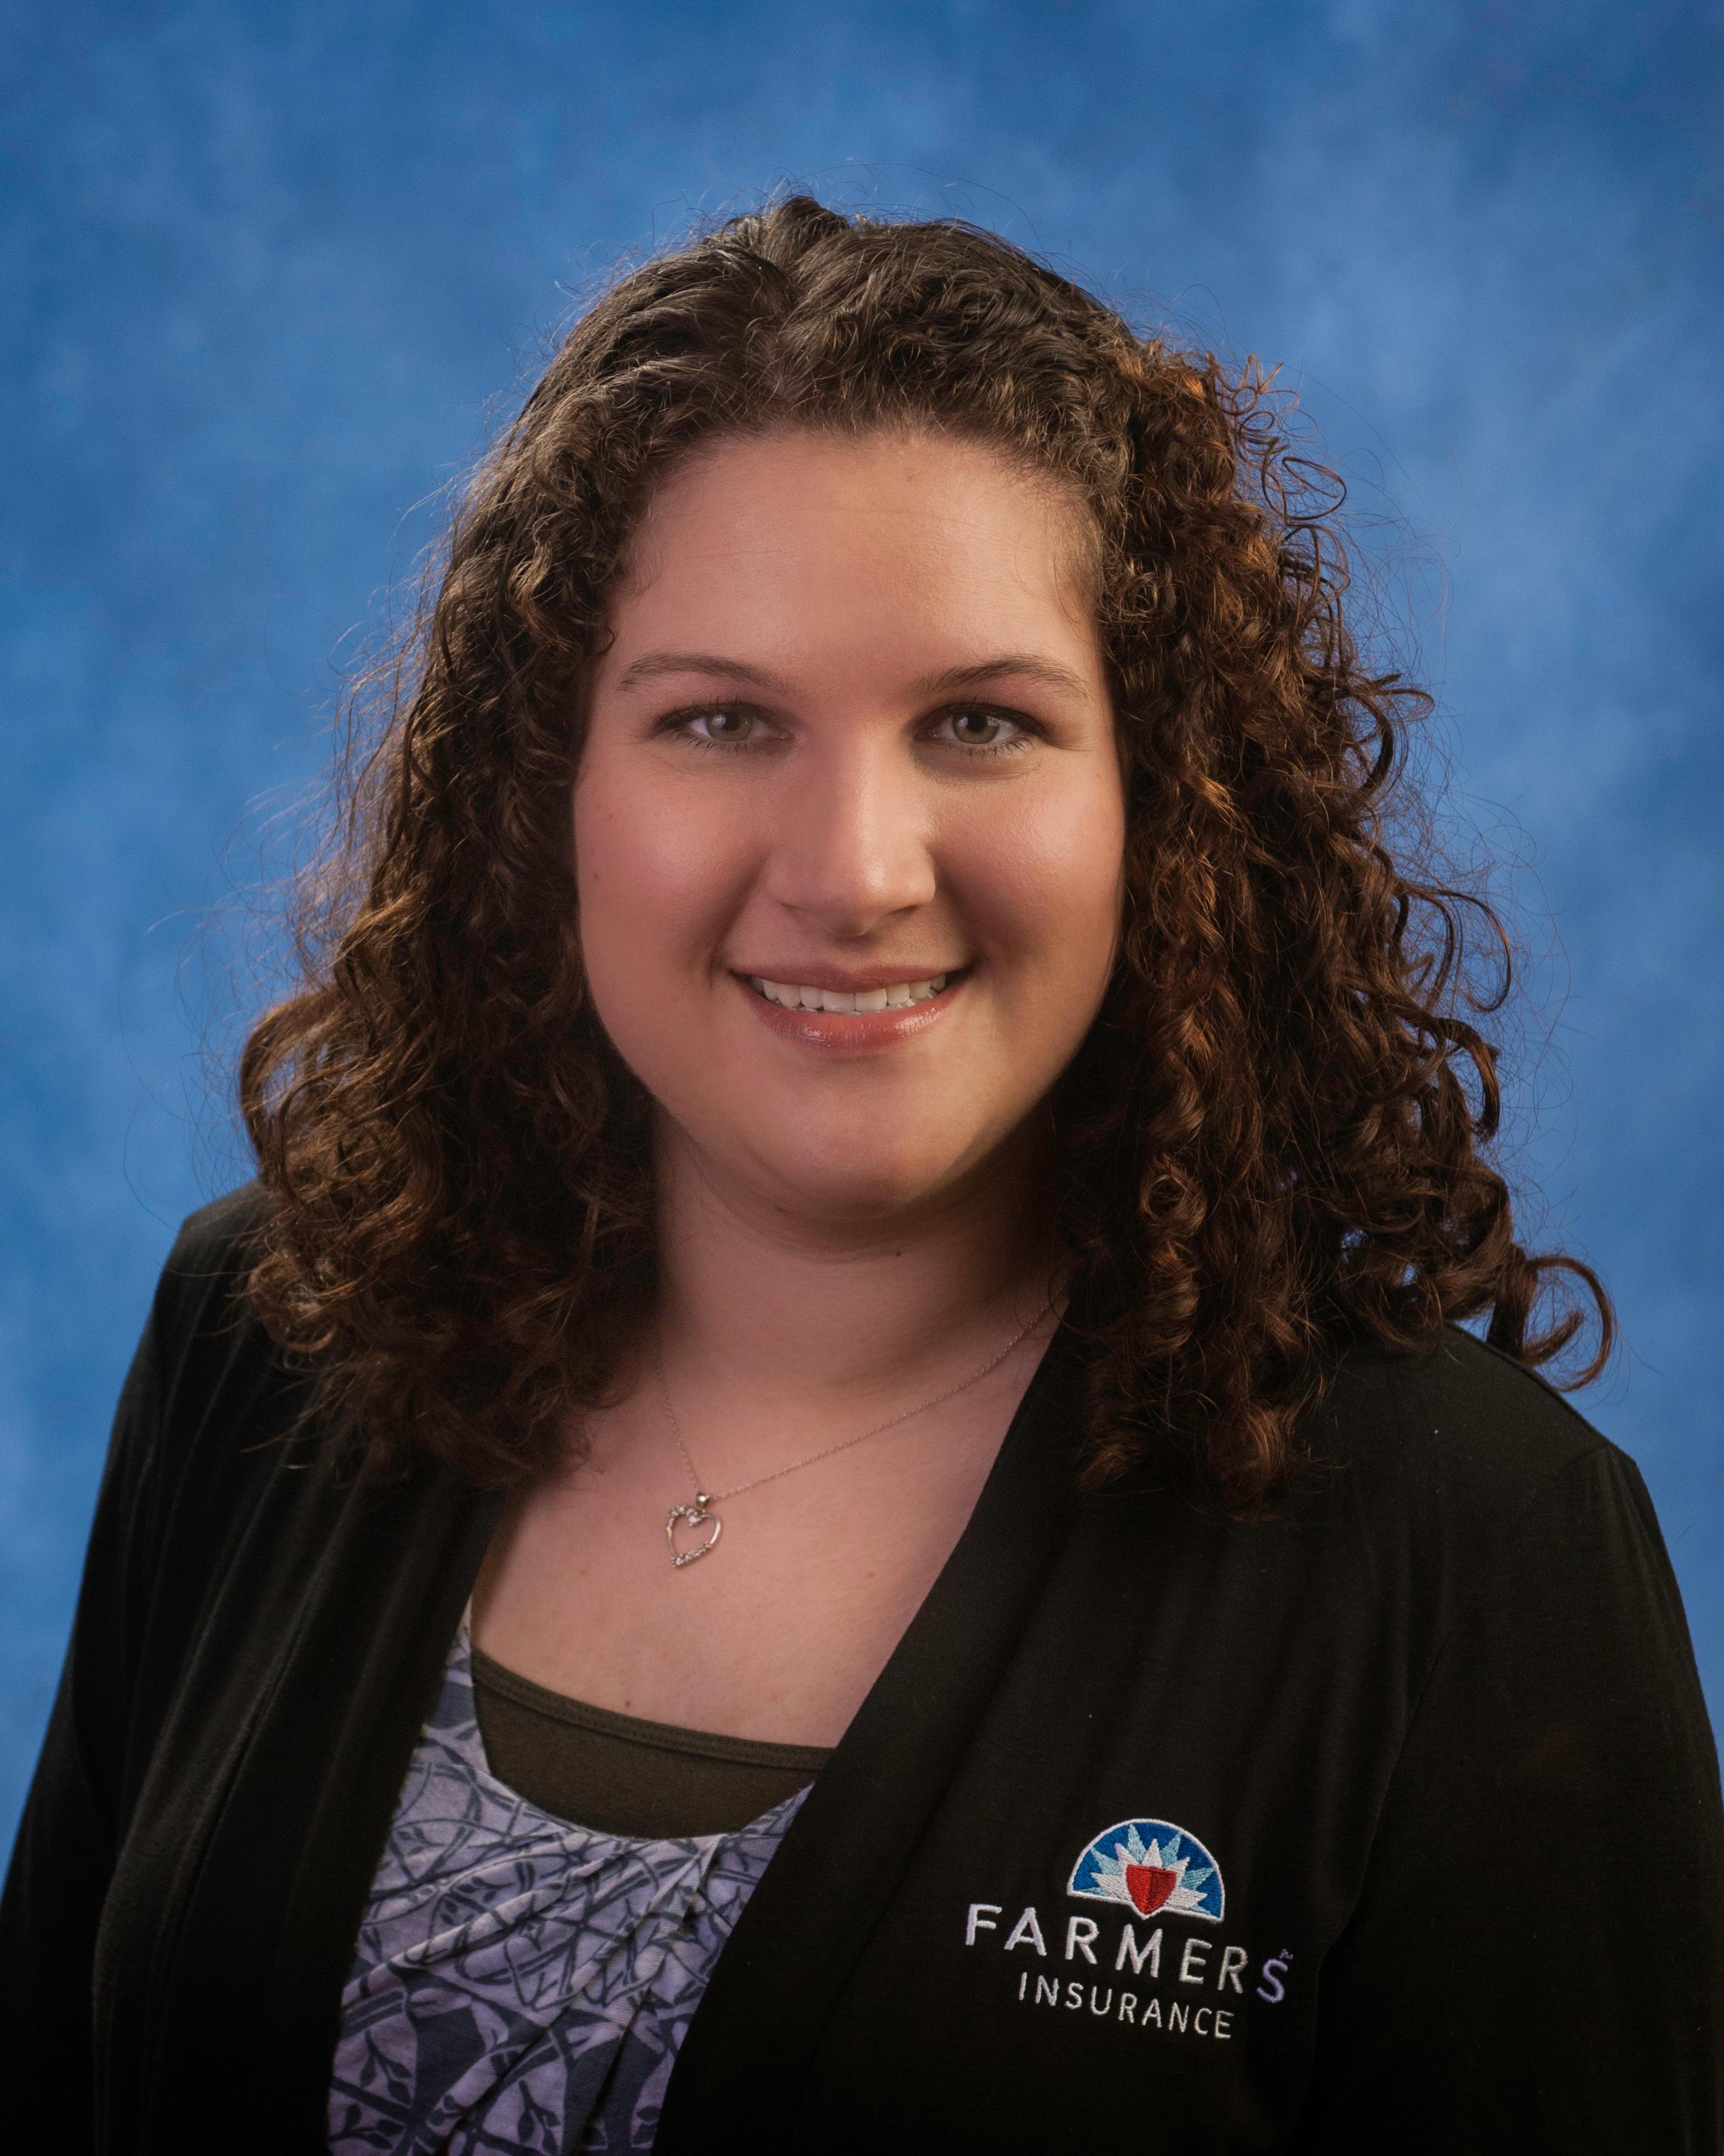 Farmers Insurance - Kelsey Holder image 2